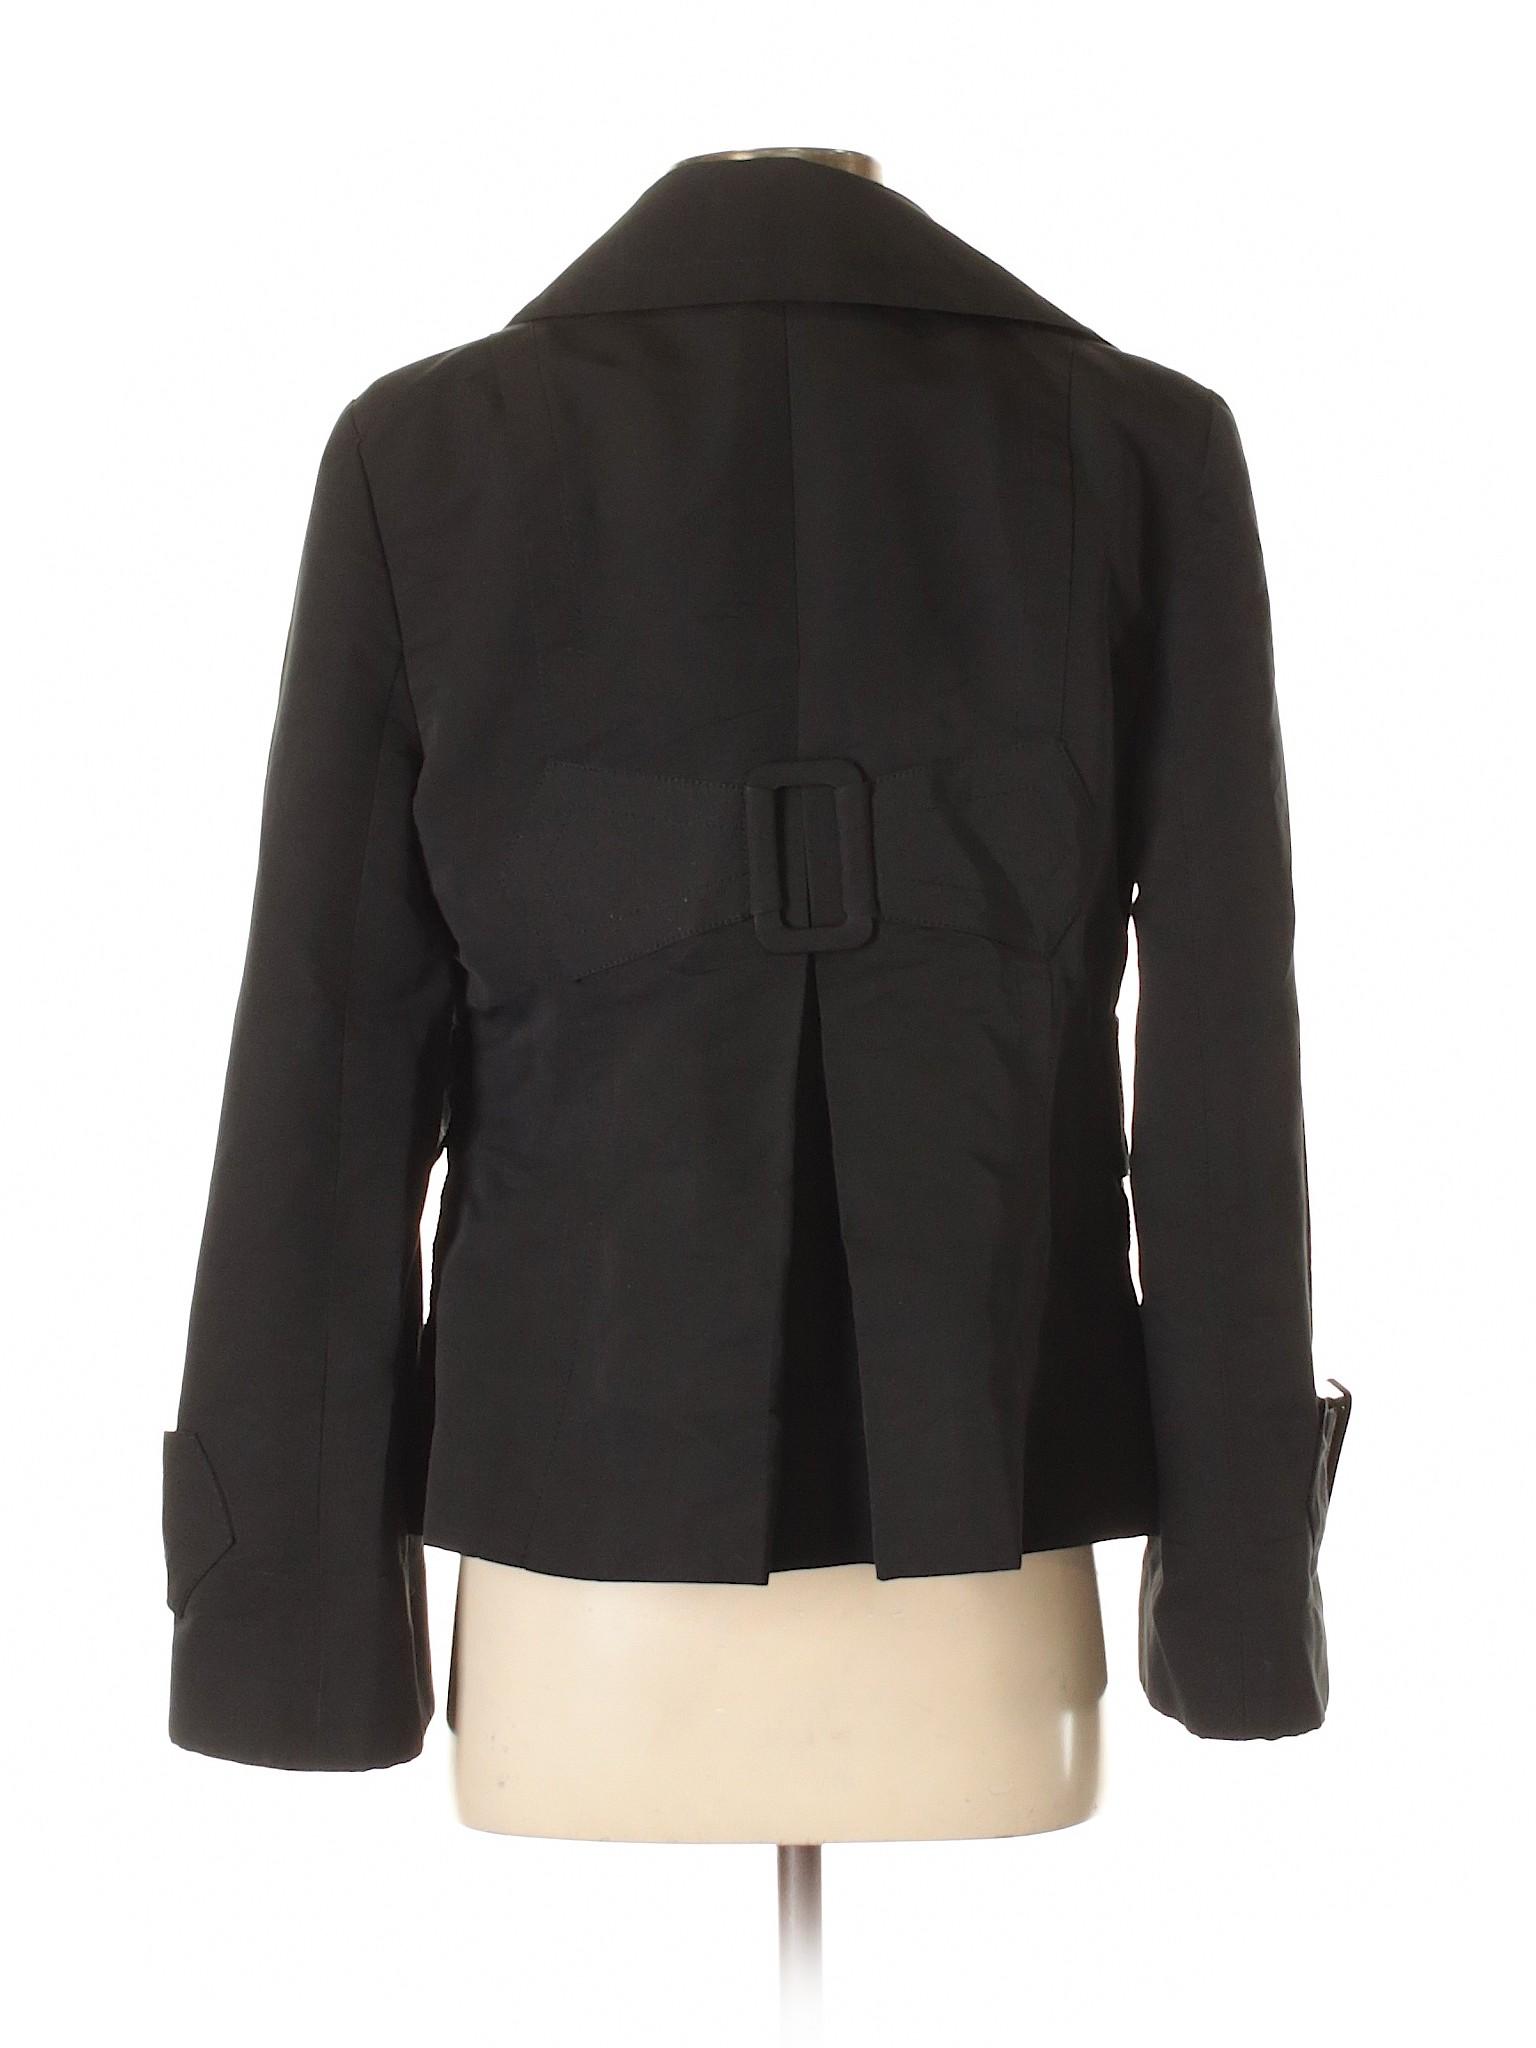 Jacket Boutique Worthington Jacket leisure Worthington Boutique leisure Boutique qWa7xwWPzp